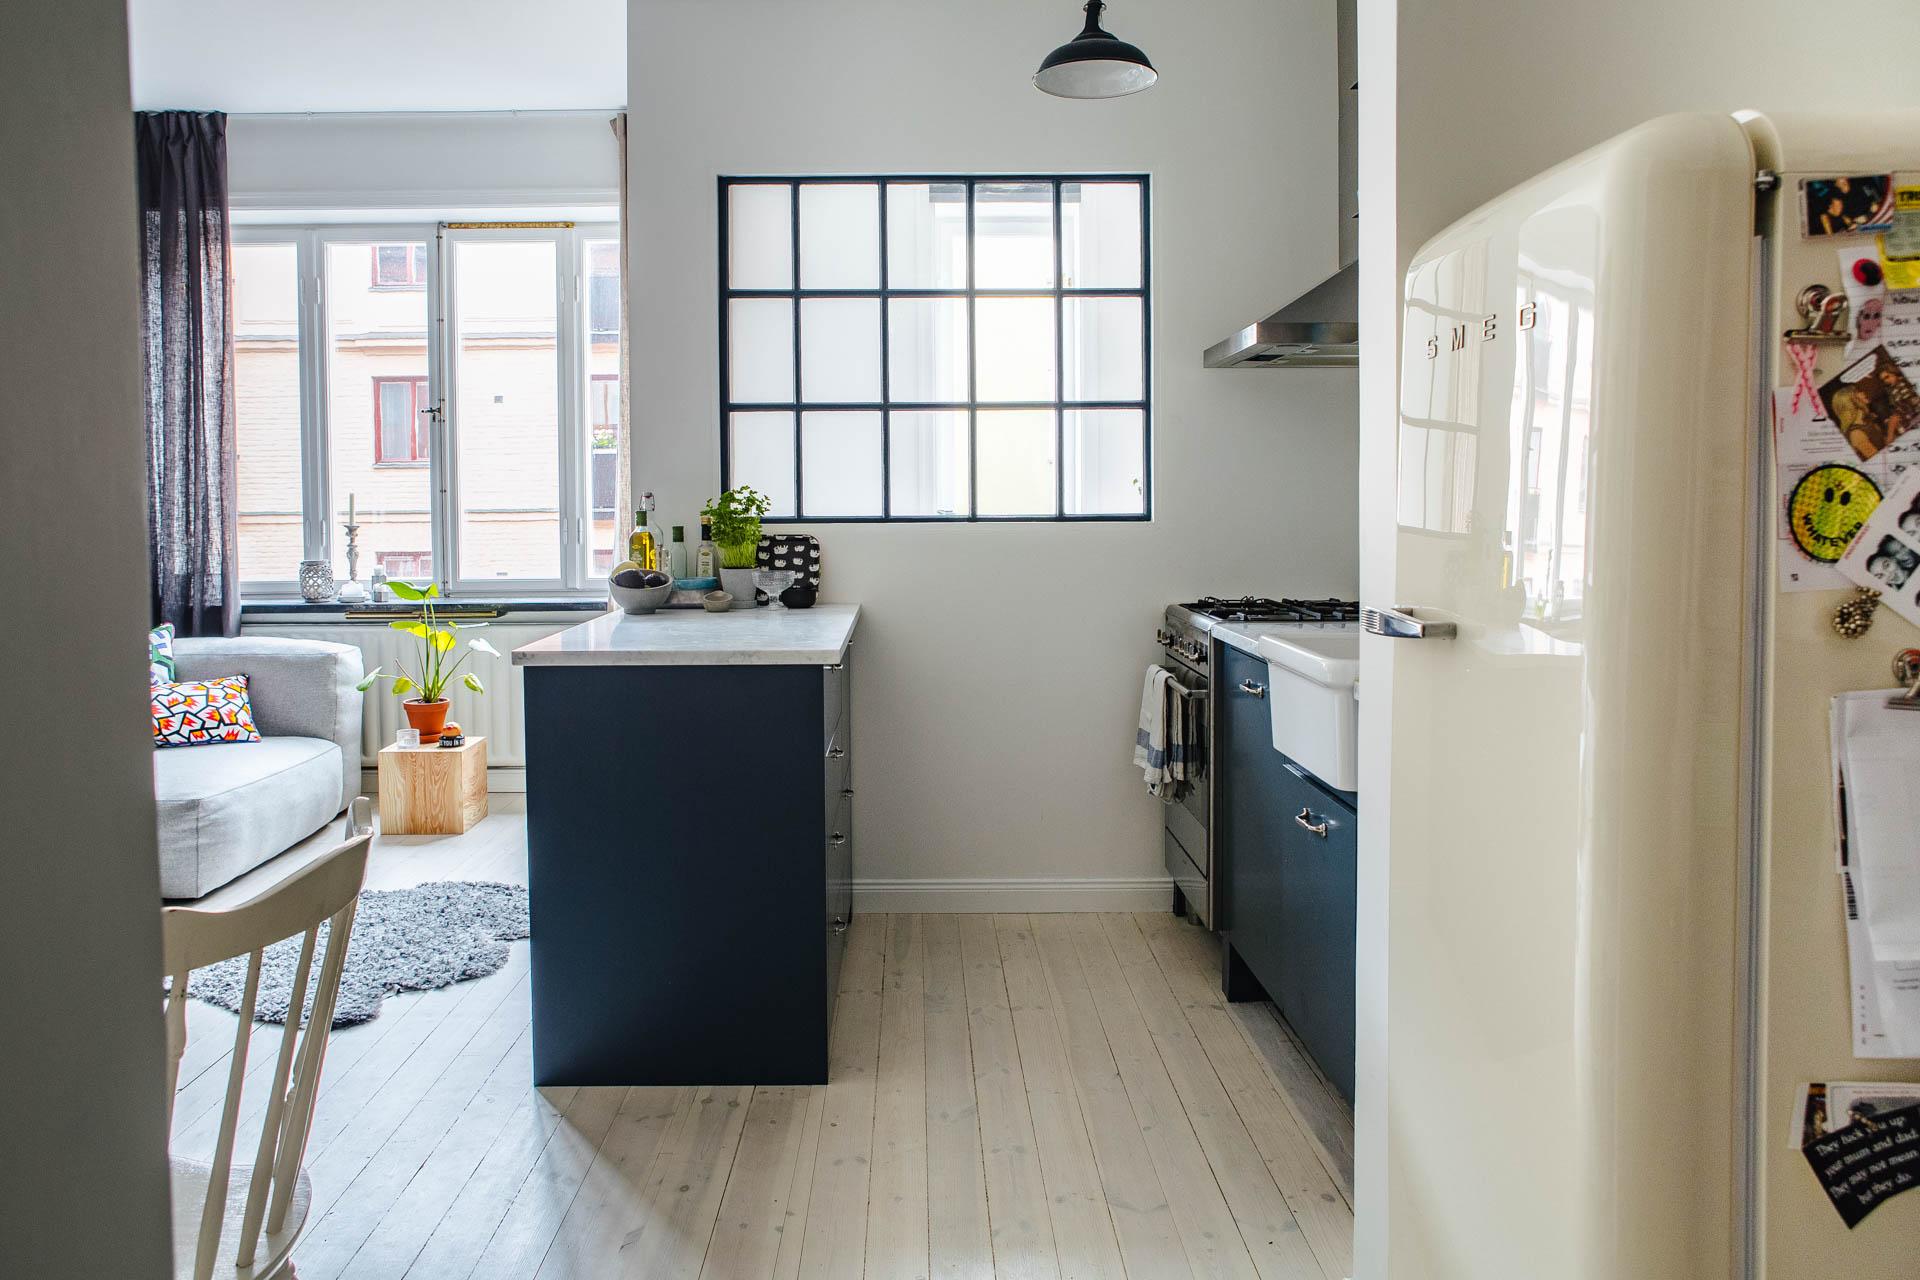 Бюджетный ремонт в однокомнатной квартире с перегородками